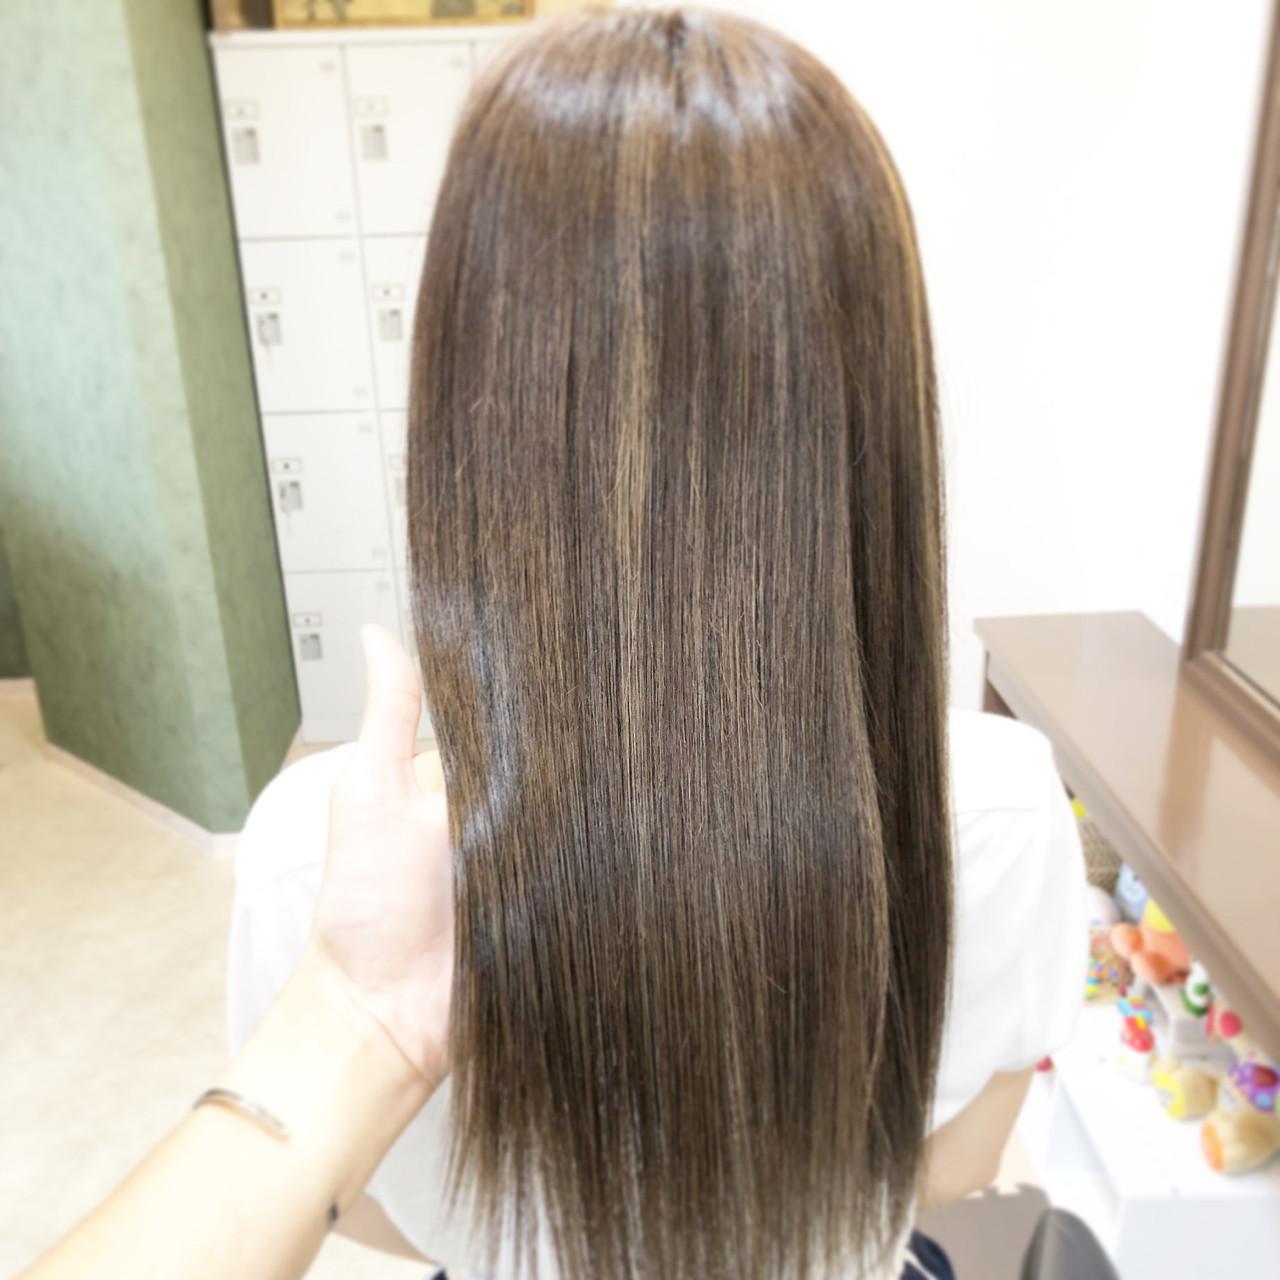 ナチュラル ロング ブリーチ ヘアアレンジ ヘアスタイルや髪型の写真・画像   古作 蓮 / 美容室 MICHI 富田店